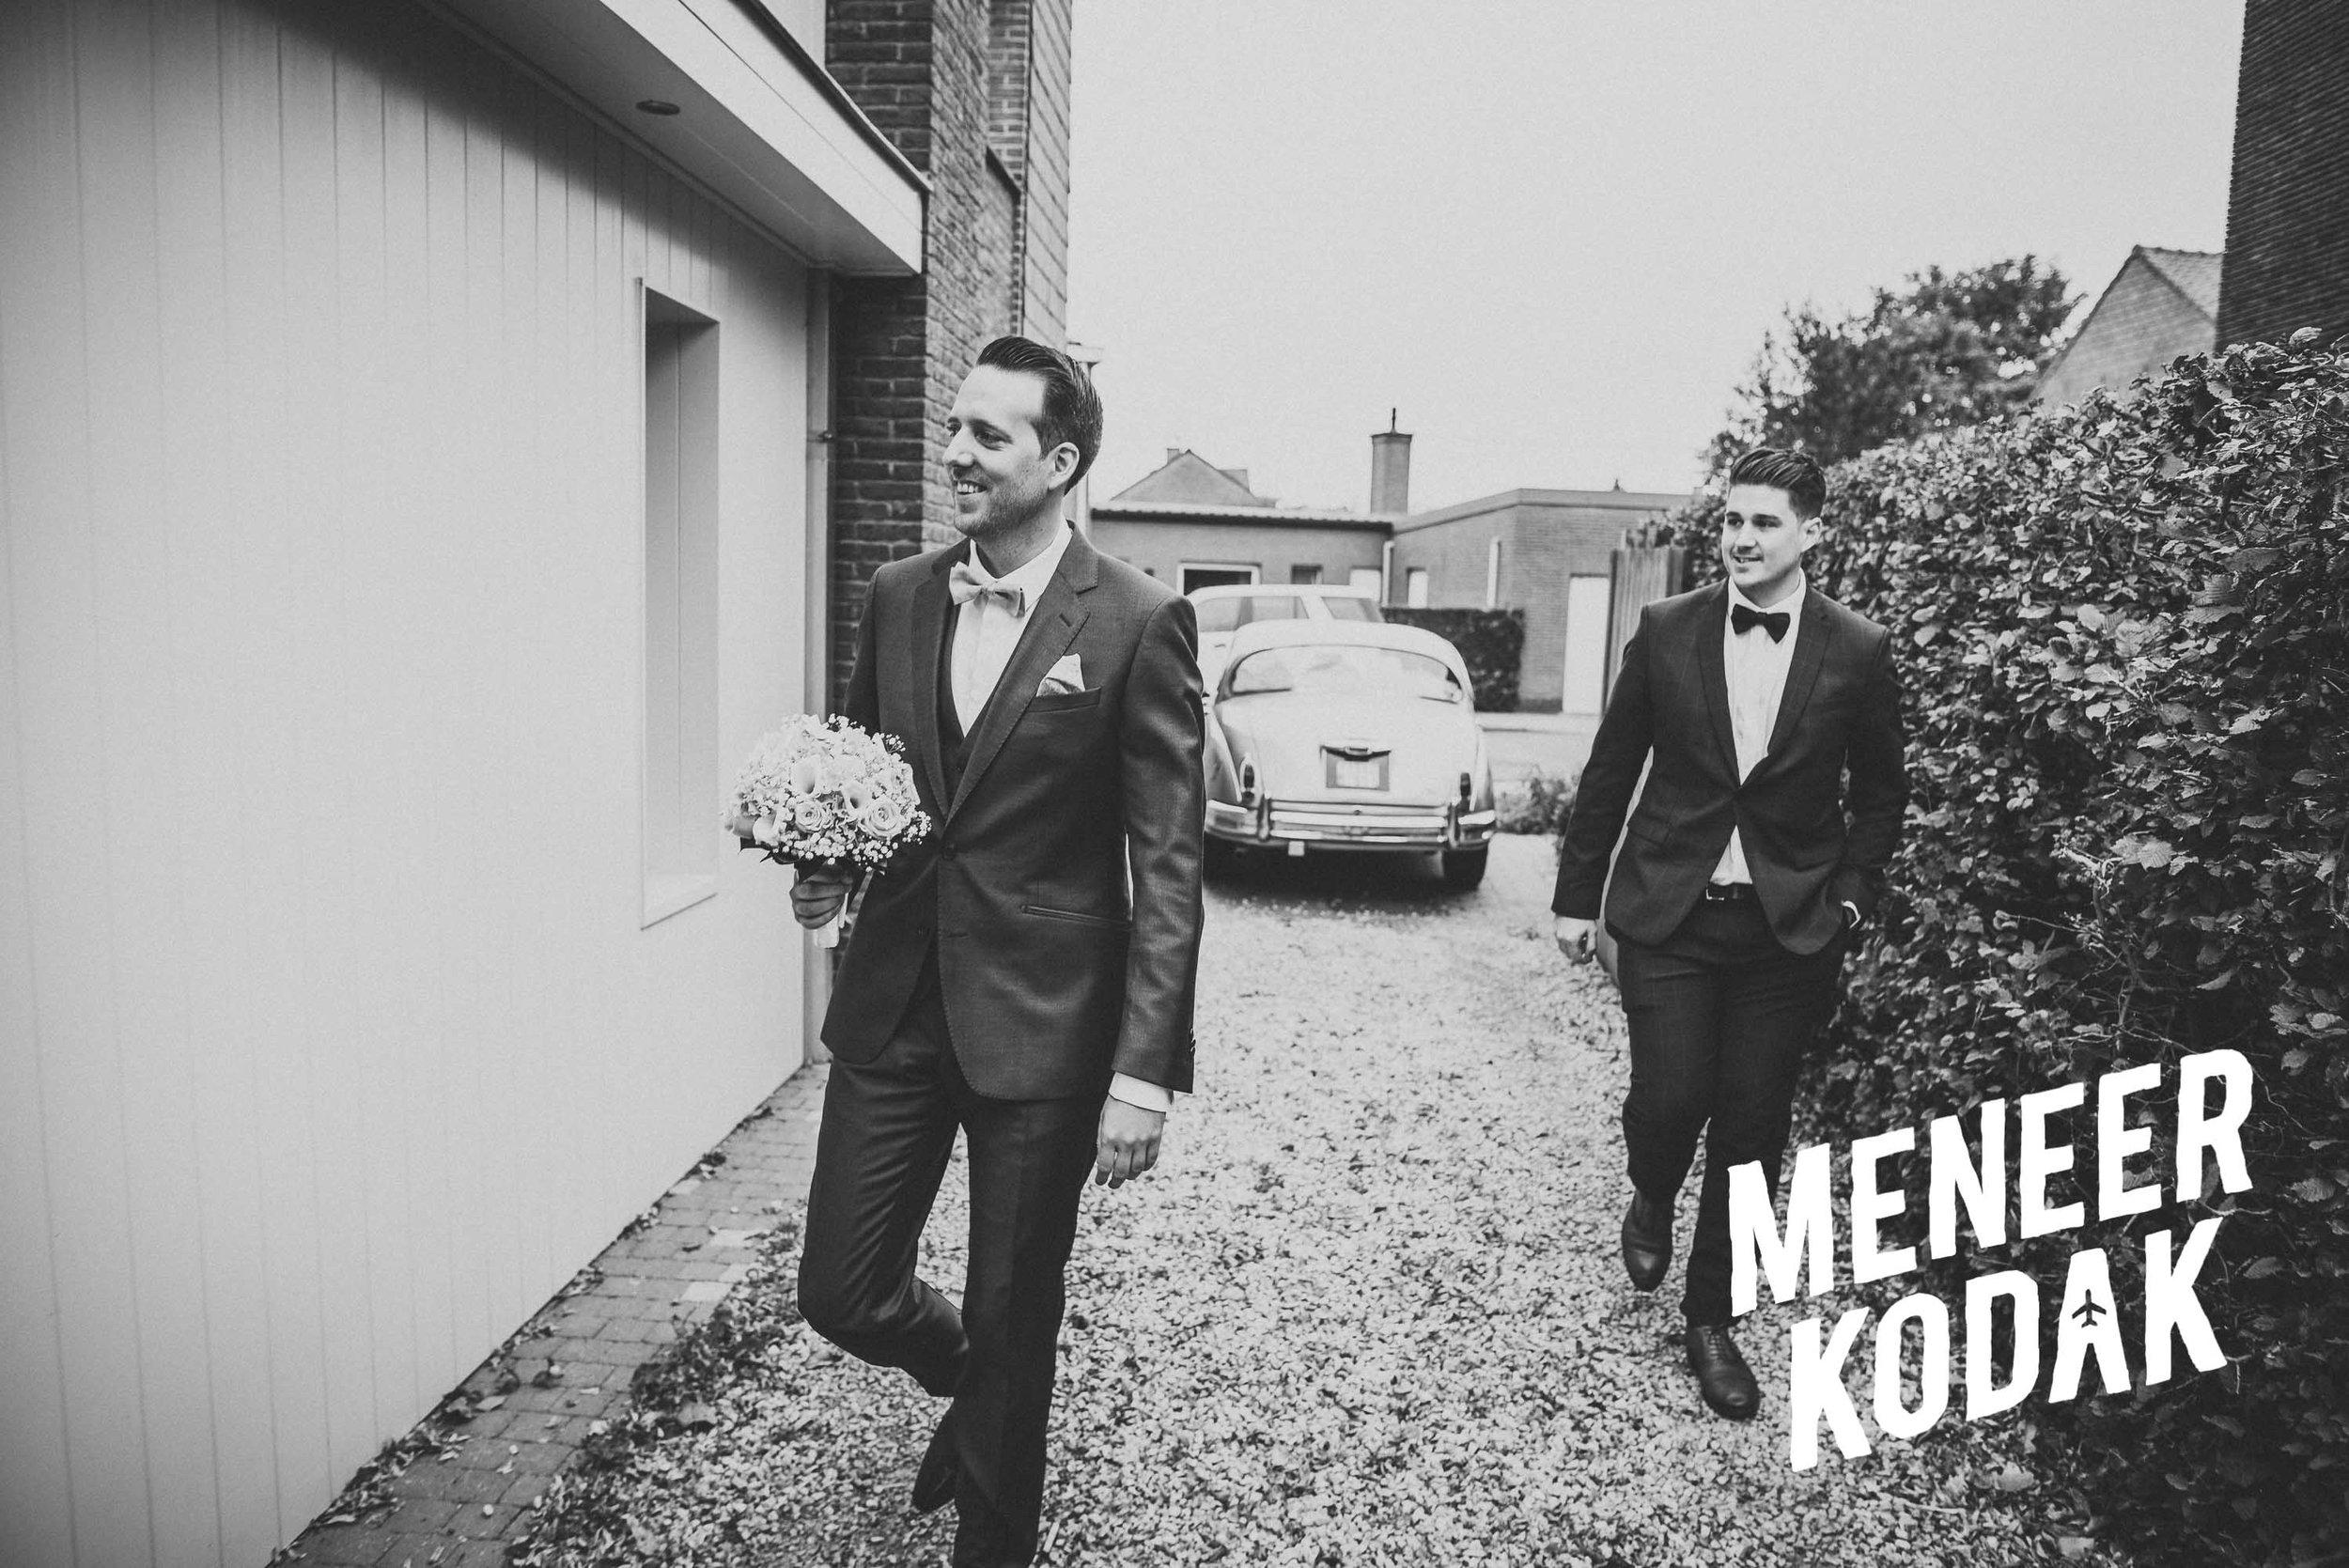 Meneer Kodak - Trouwfotograaf - Gent - D&T-013.jpg